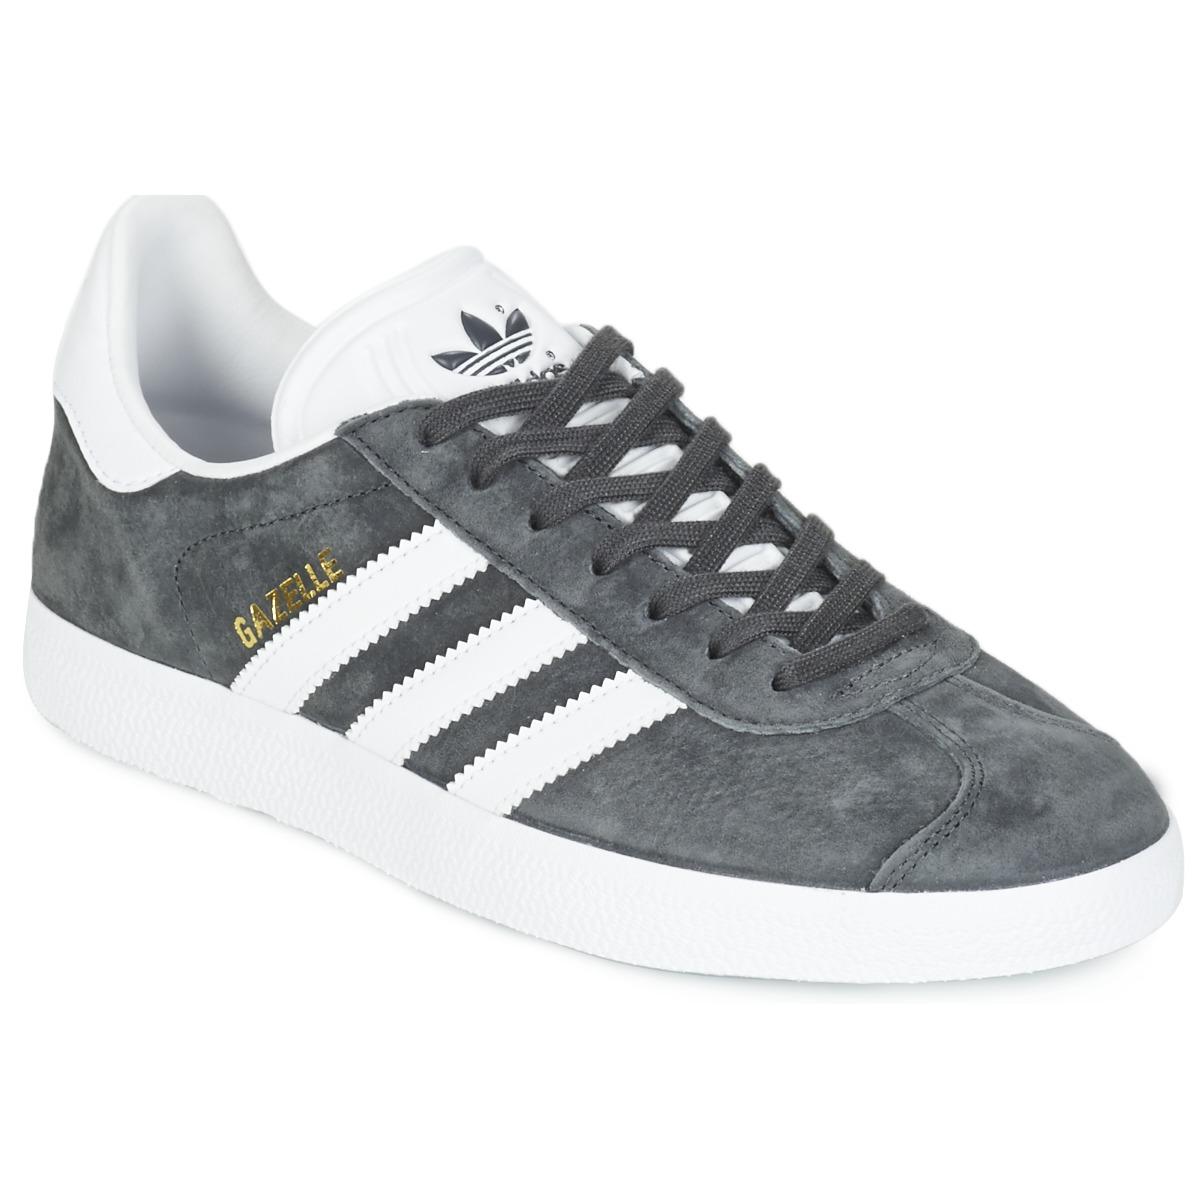 adidas Originals GAZELLE Grau - Kostenloser Versand bei Spartoode ! - Schuhe Sneaker Low  80,00 €